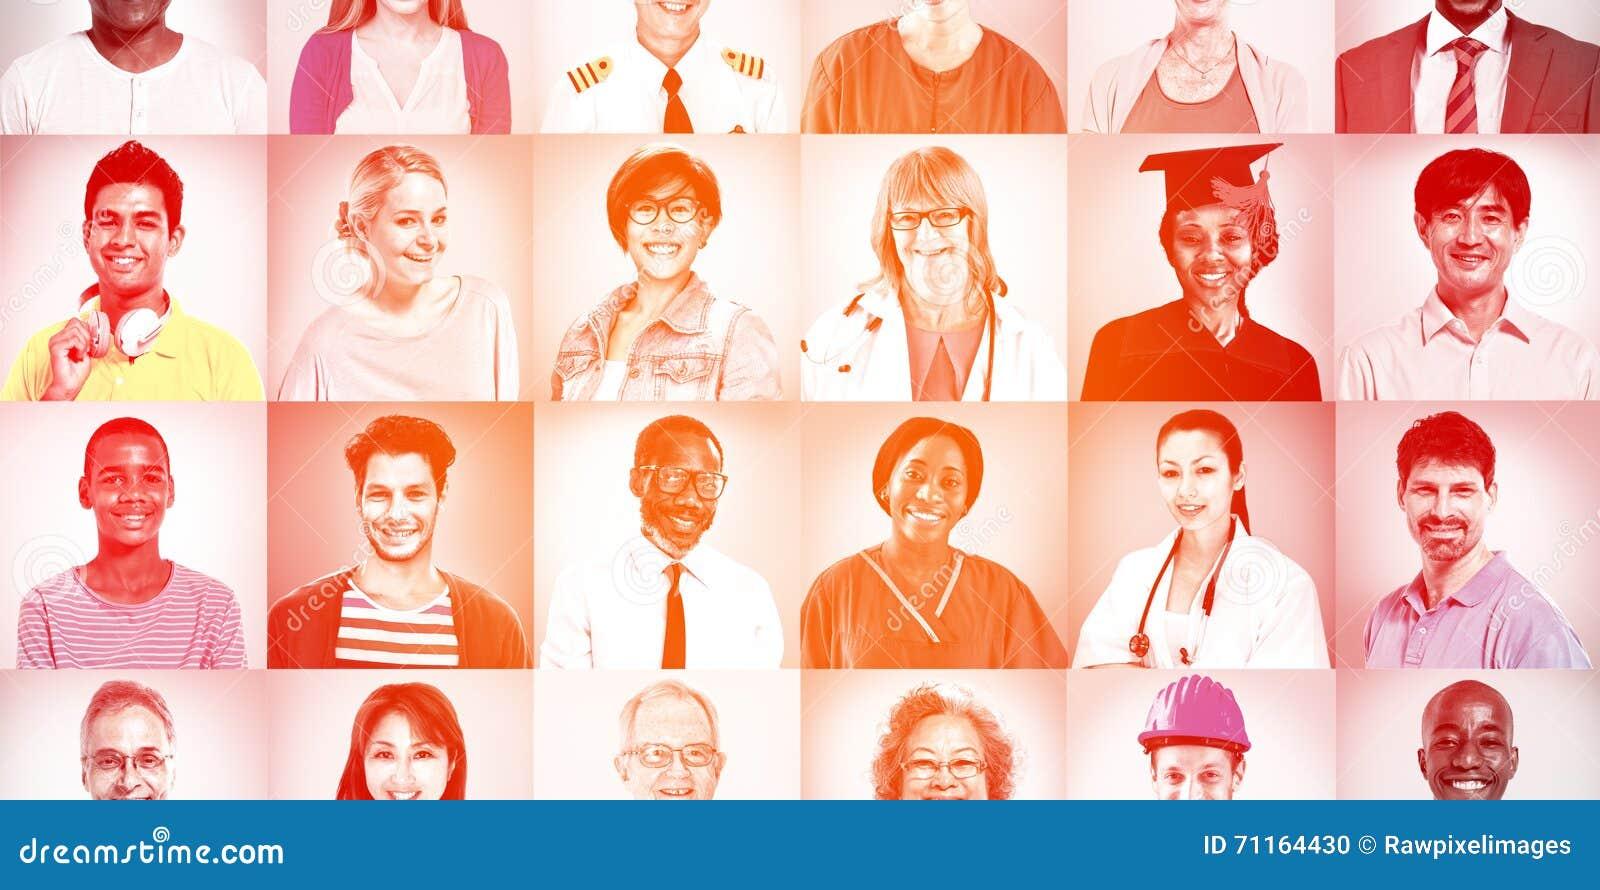 Portraits de concept mélangé multi-ethnique de personnes de professions